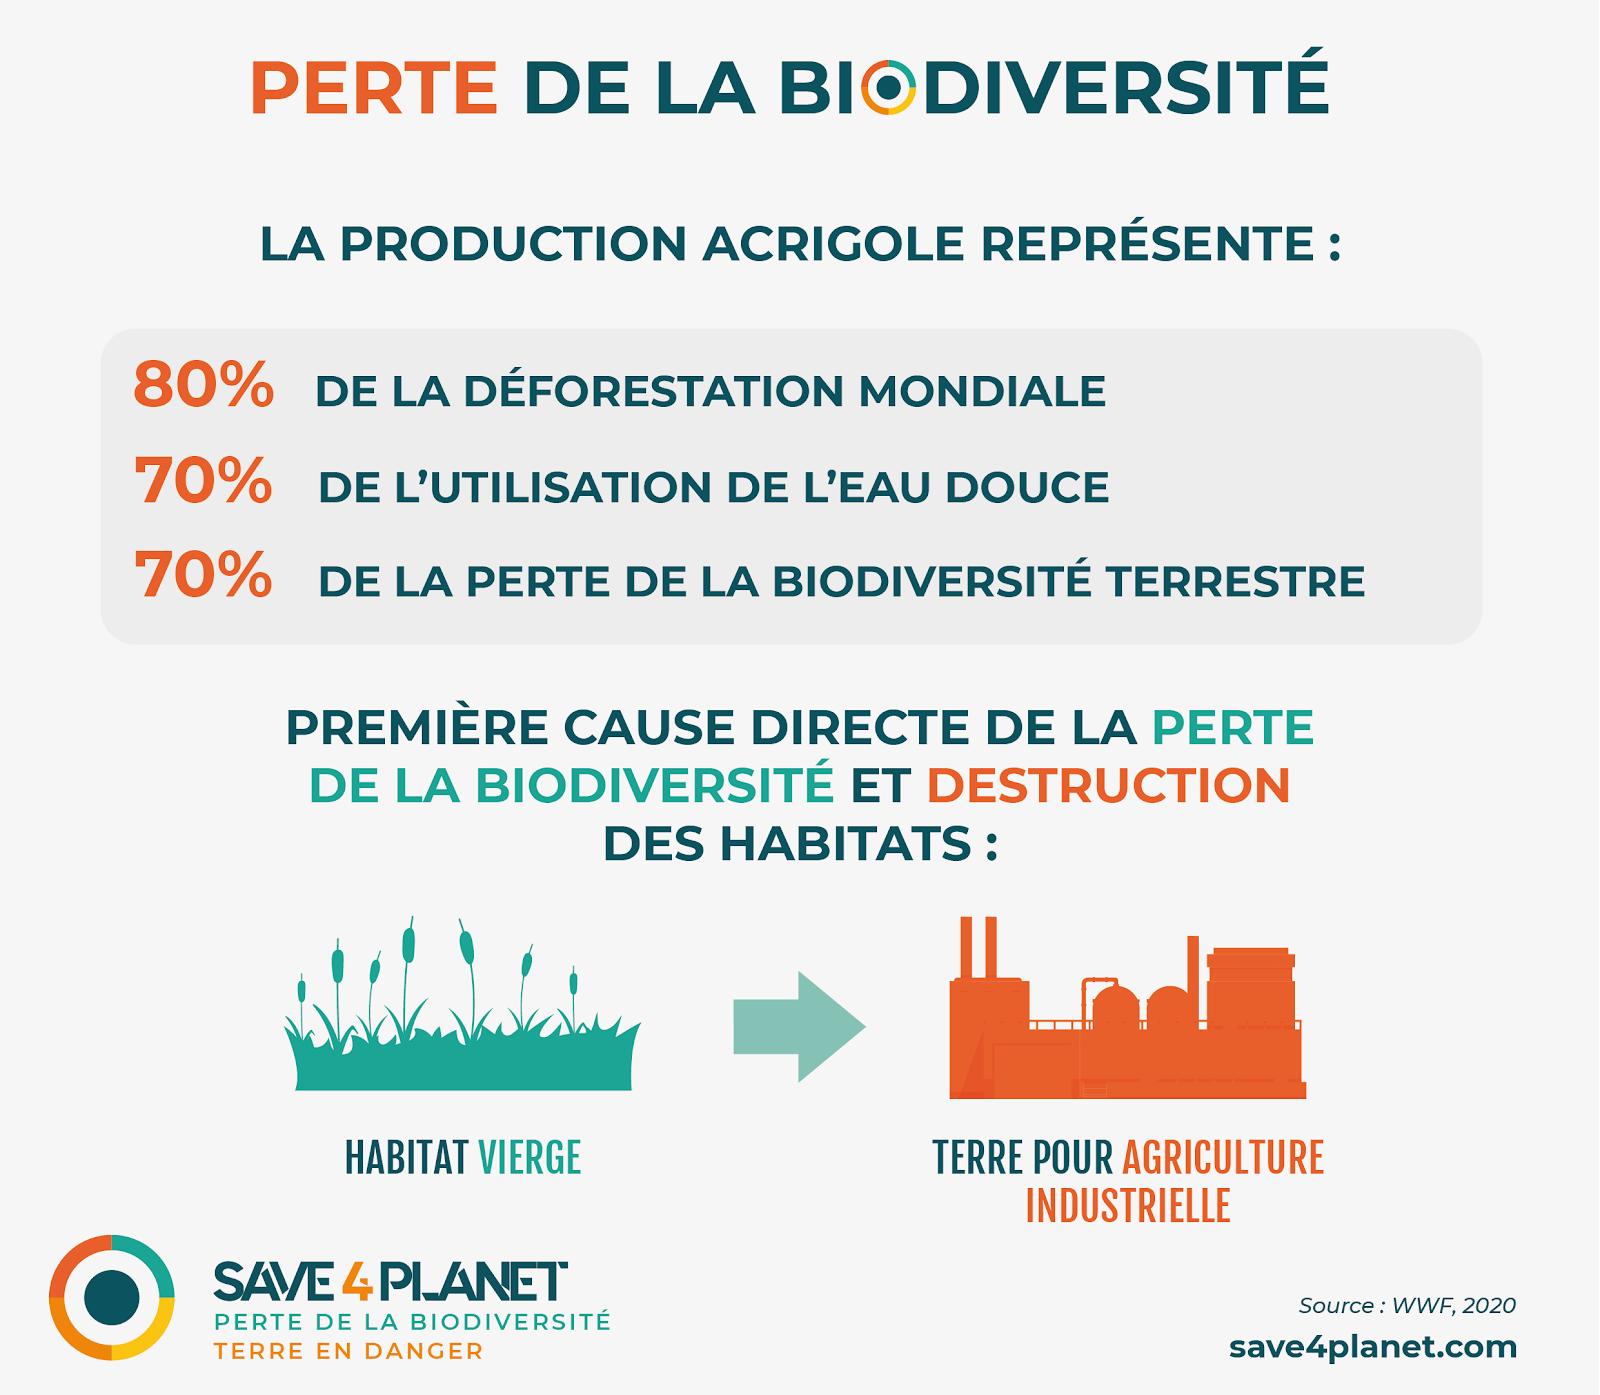 Perte Biodiversite